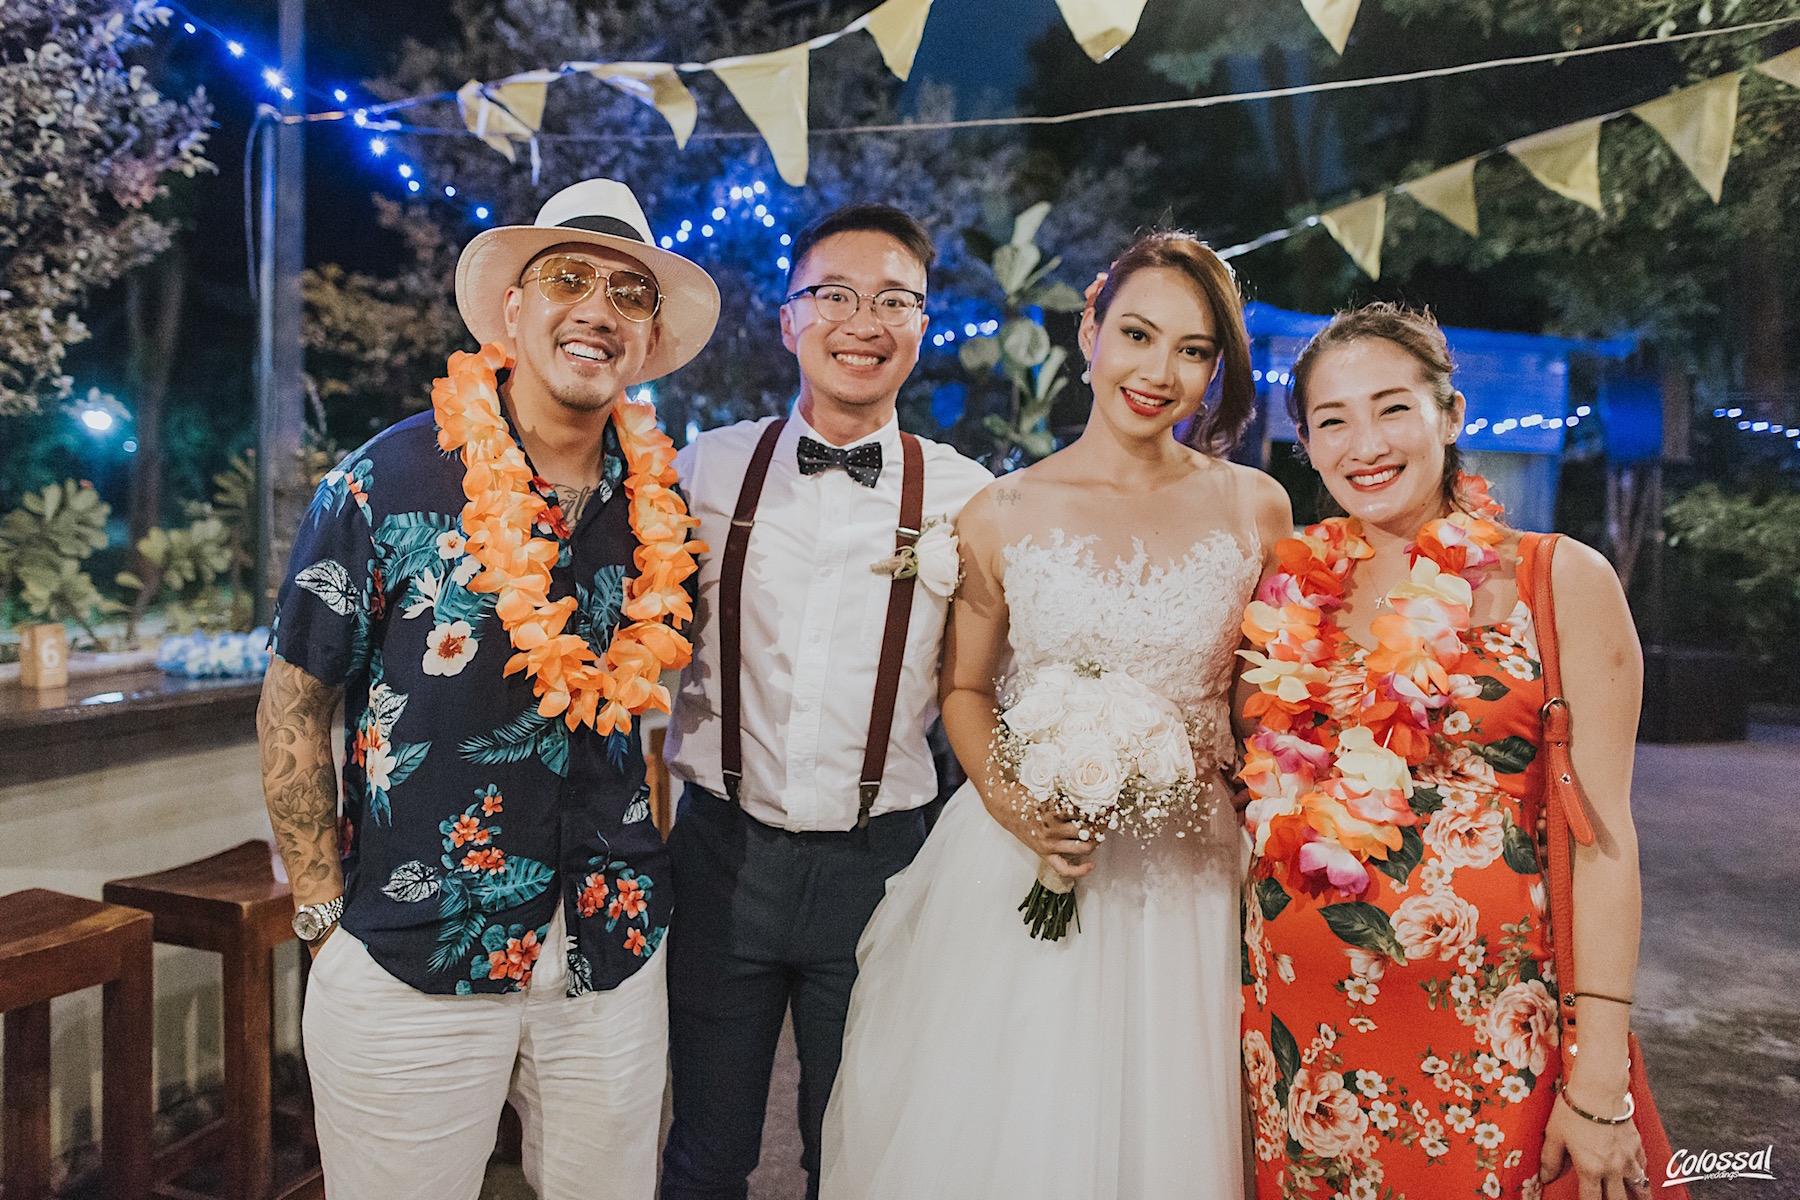 MartinChanel_ColossalWeddings107_WeddingParty.jpg